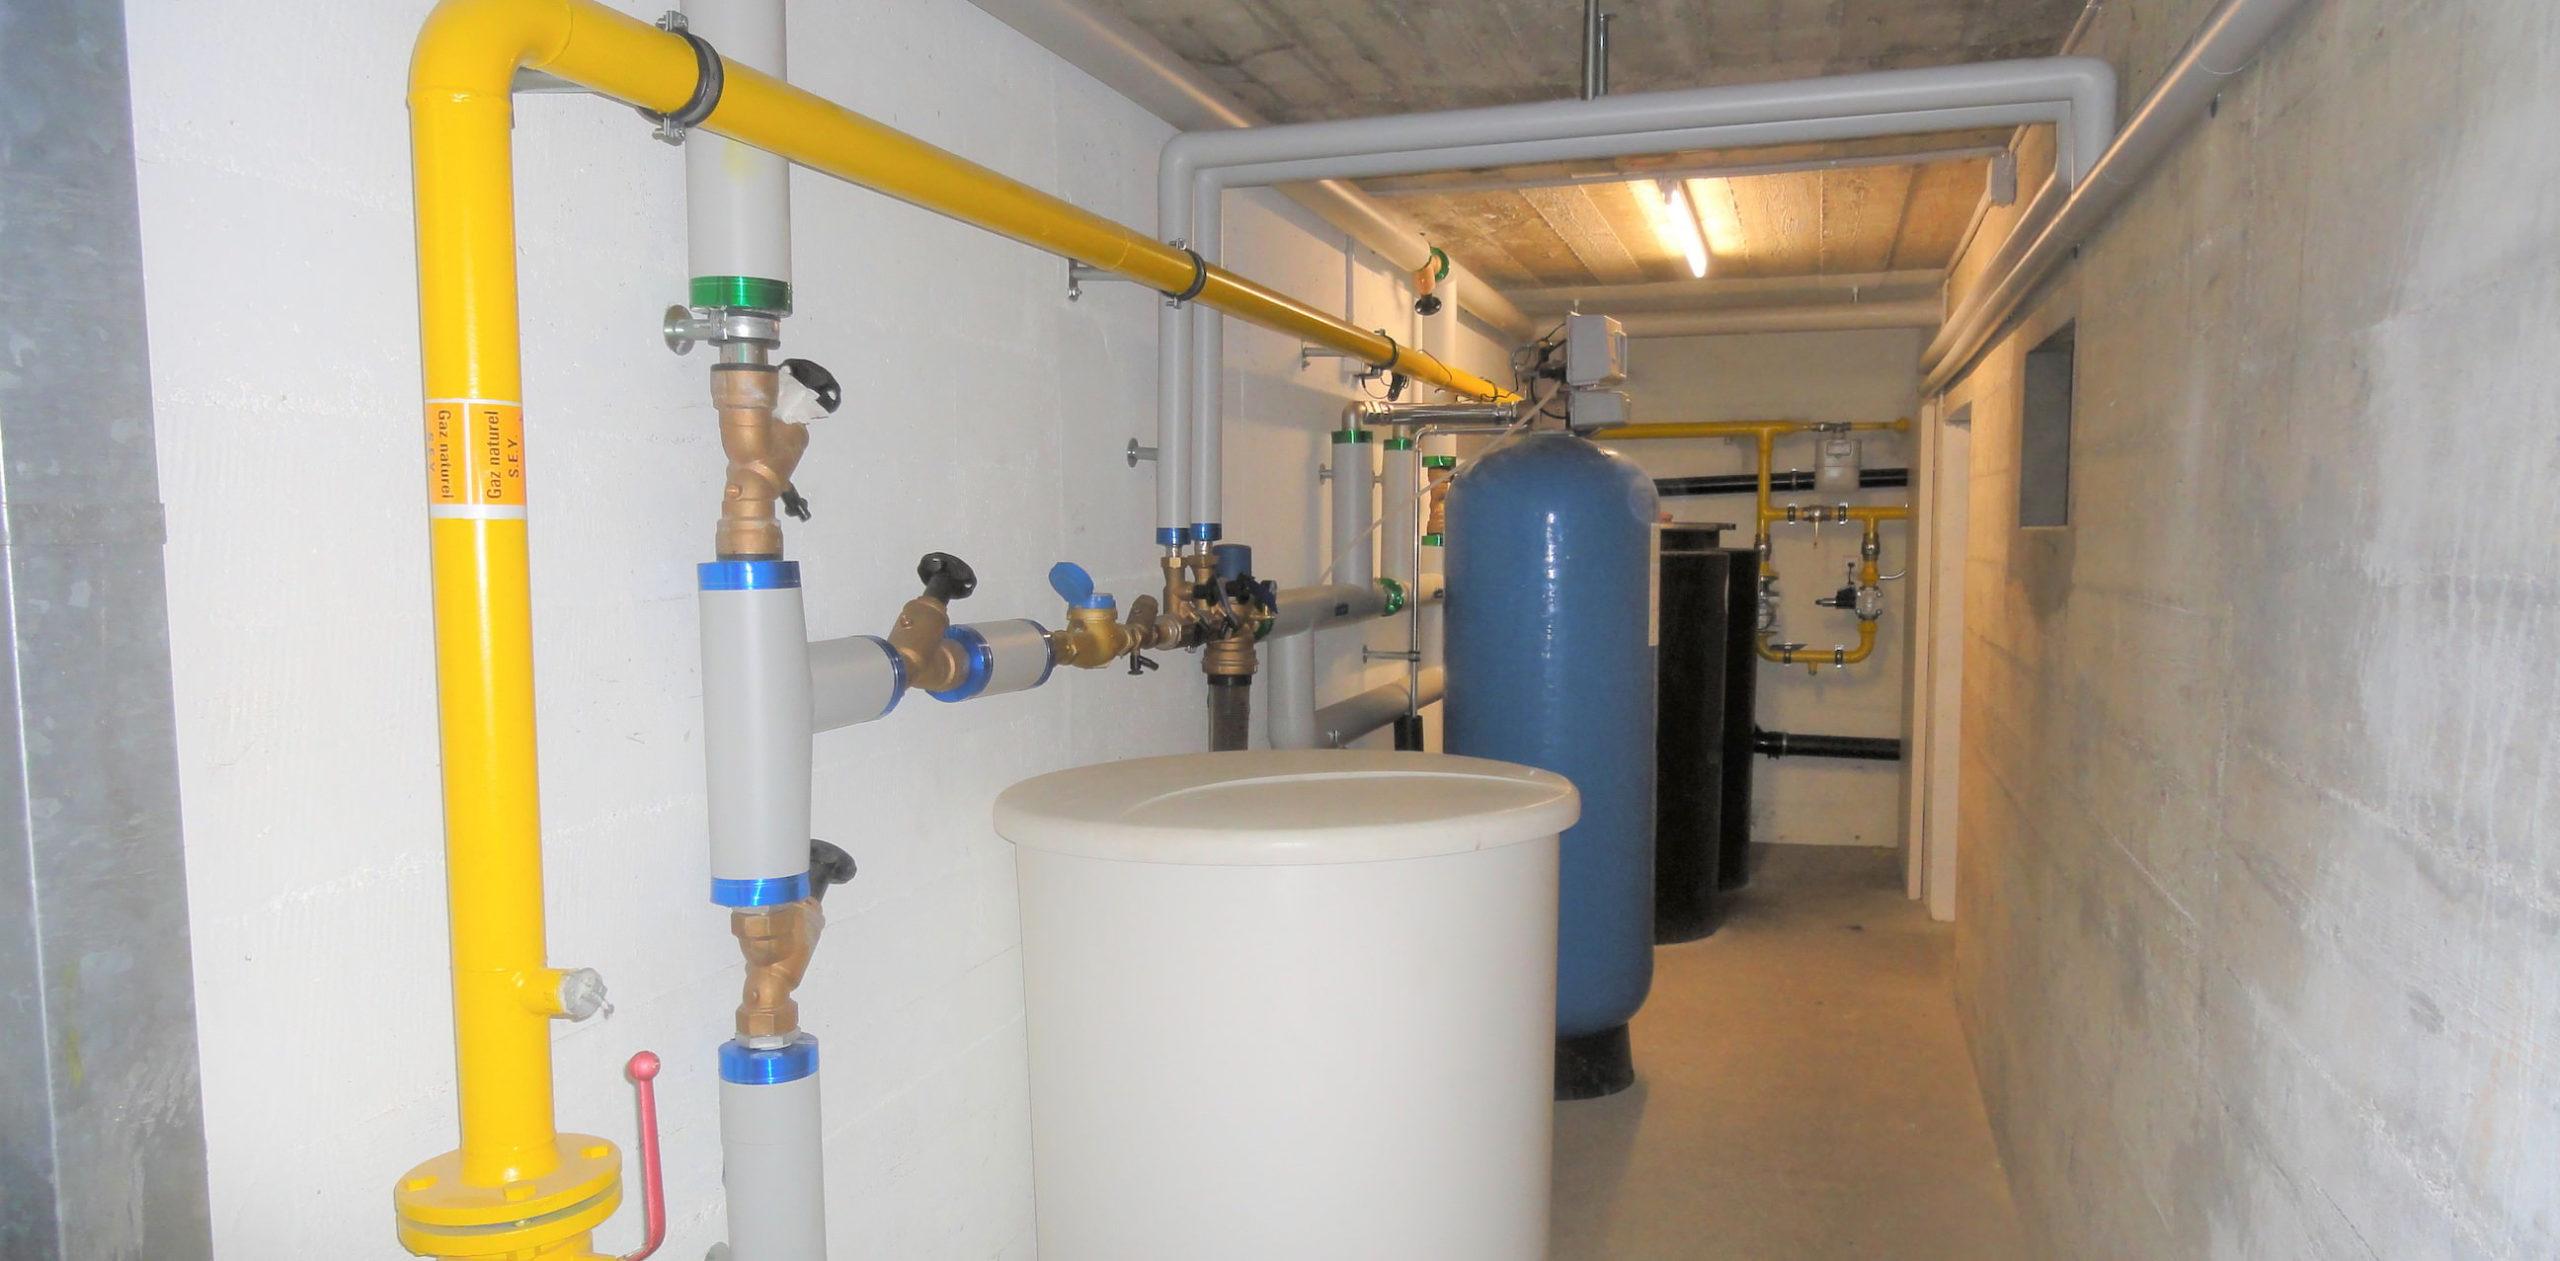 Réseau d'eau Käslin Sanitaires SA